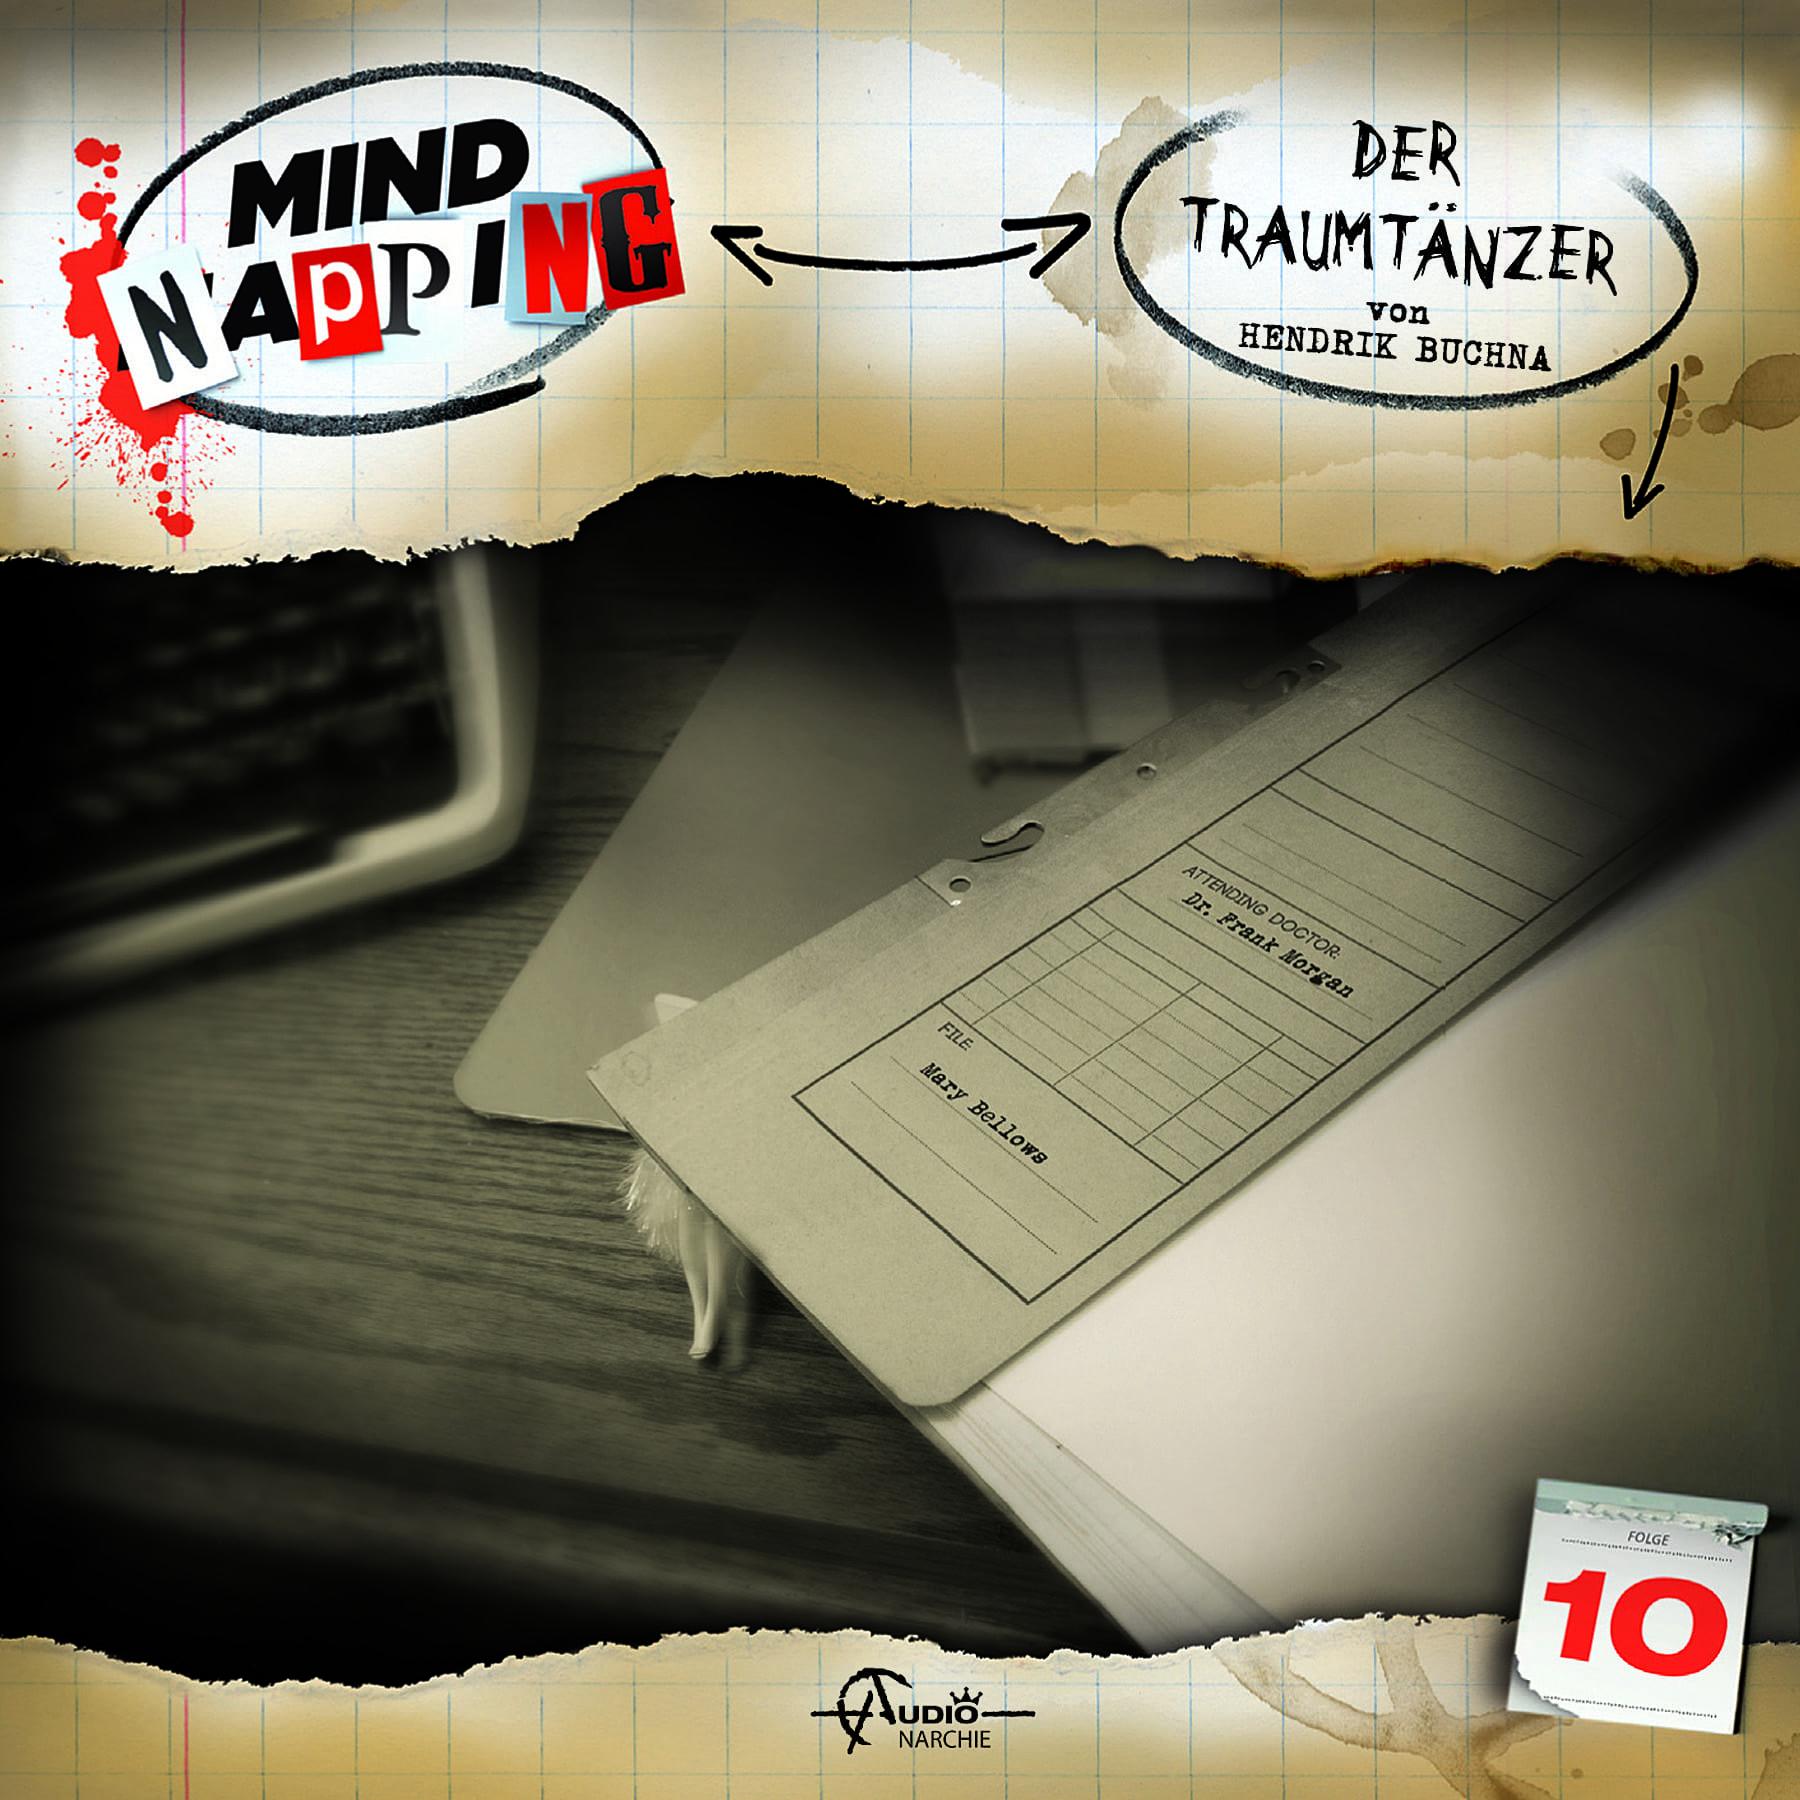 Mindnapping (10) – Der Traumtänzer